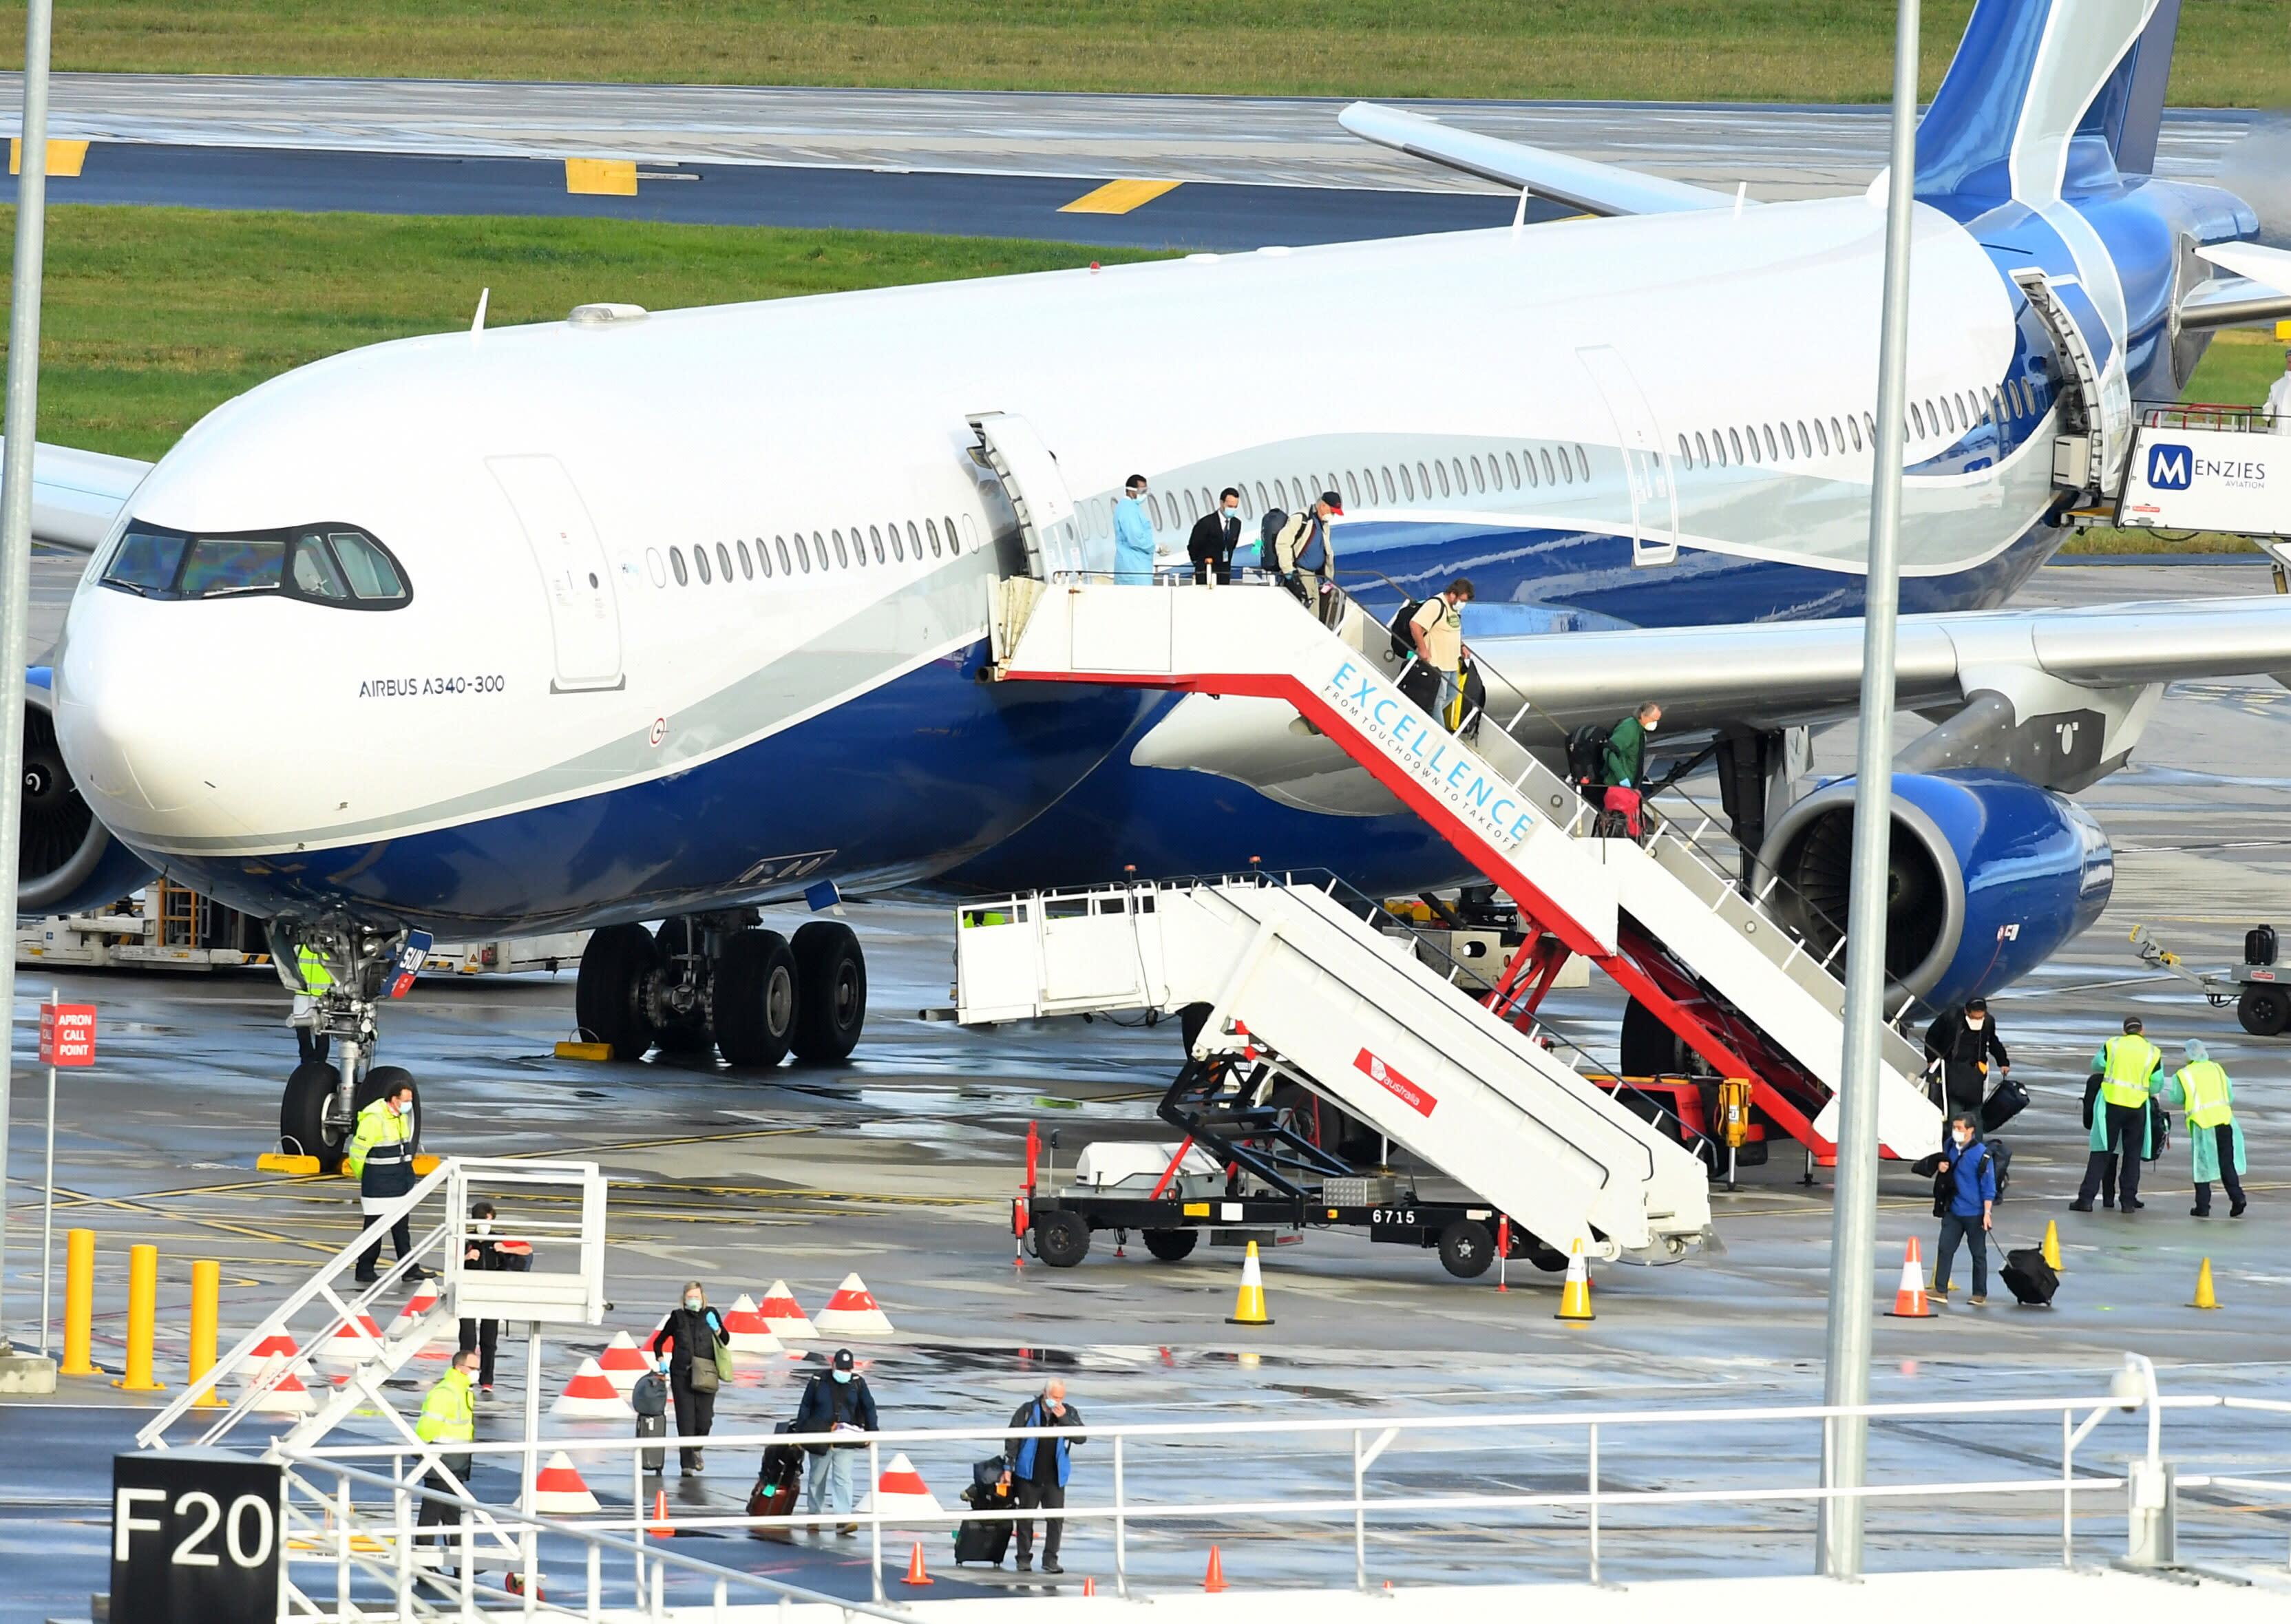 Uruguay to evacuate 112 passengers from coronavirus-hit cruise ship